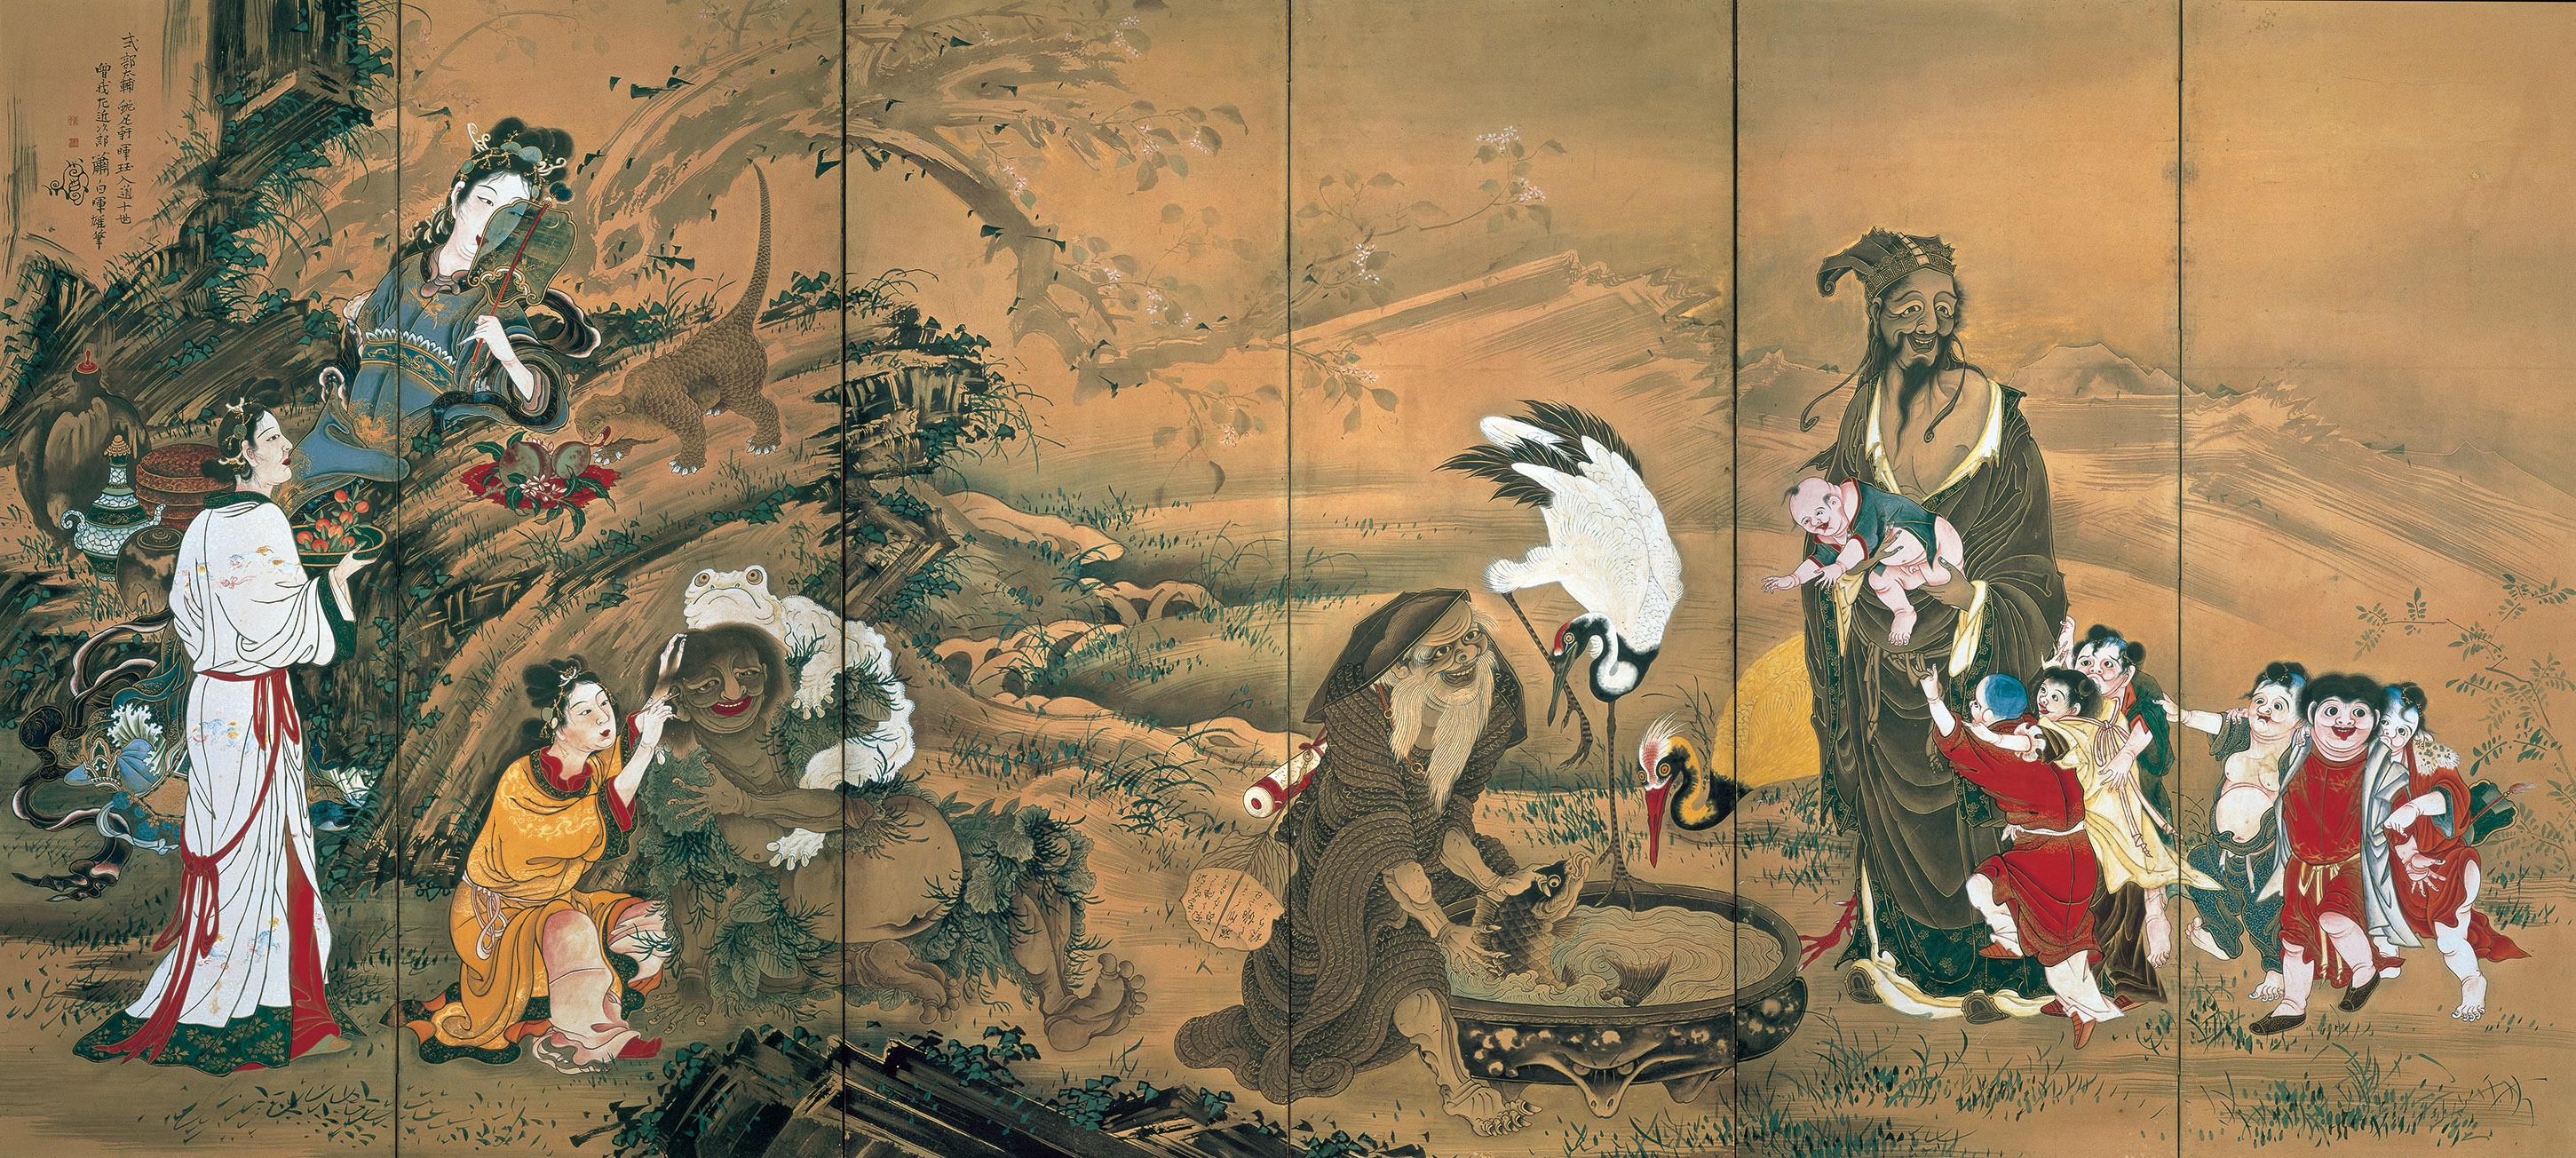 曽我蕭白 《群仙図屏風》 紙本着色 六曲一双 各172.0×378.0 明和元年(1764) 文化庁 重要文化財(部分)